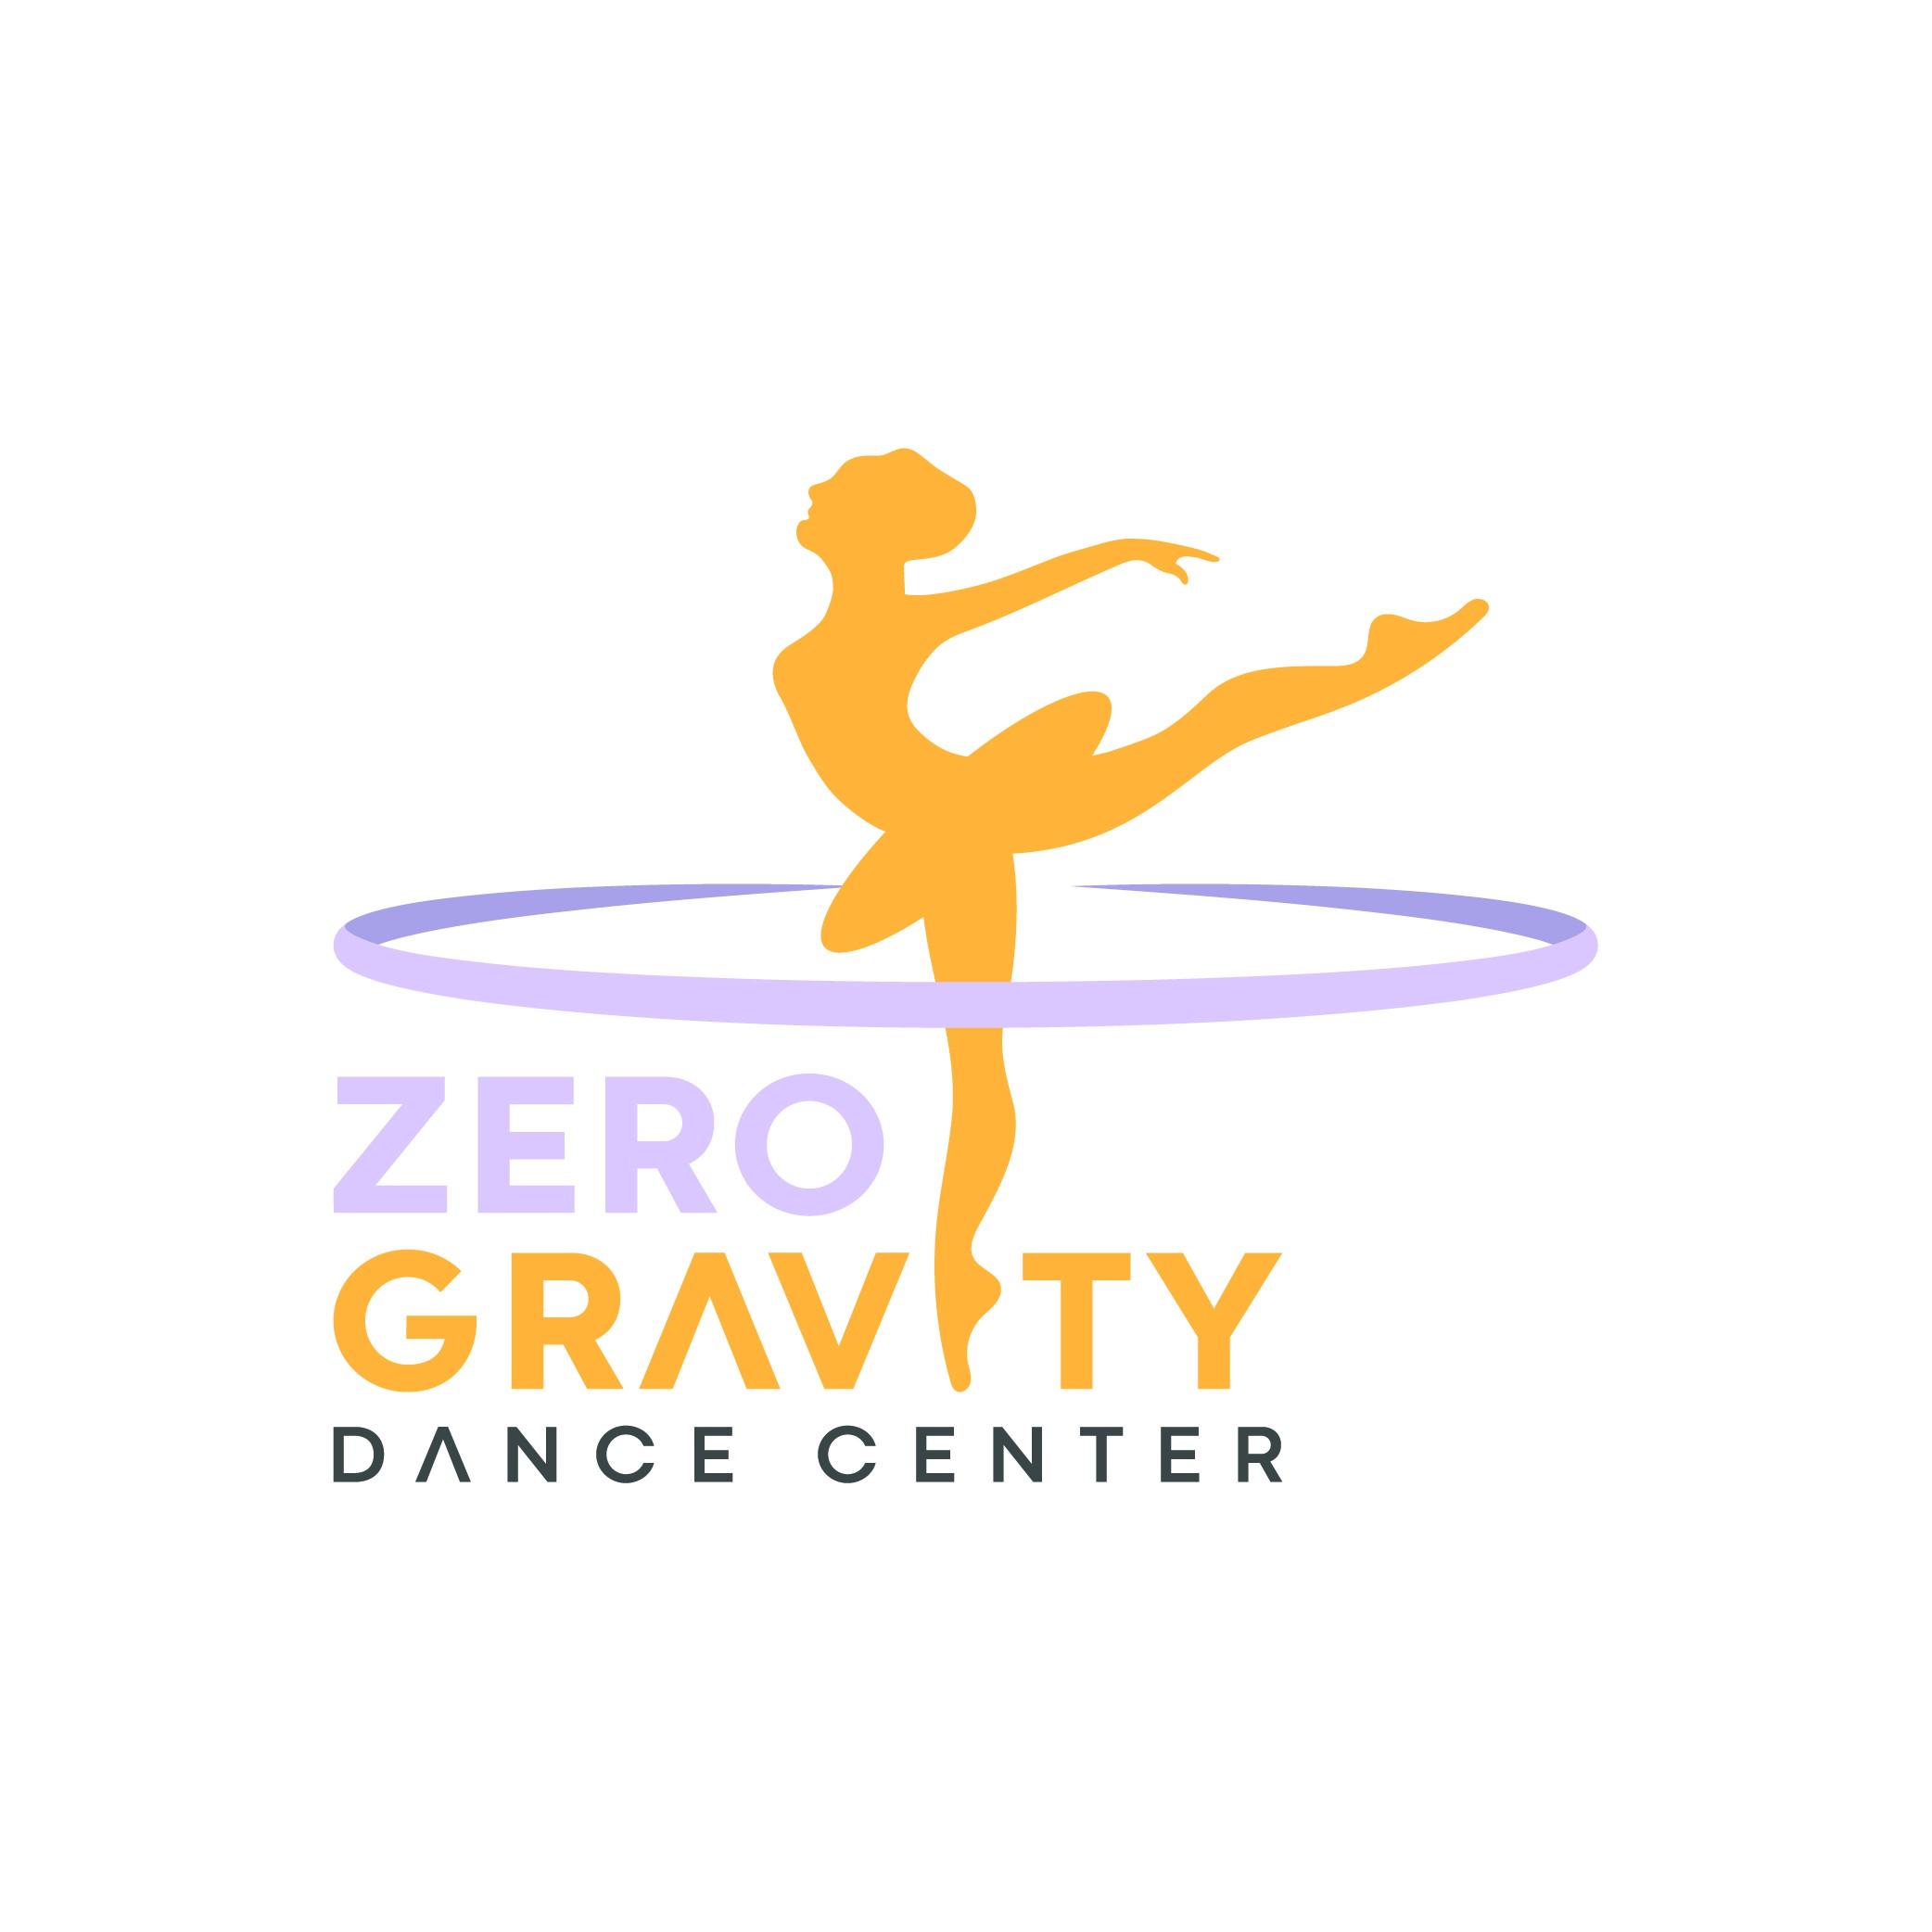 Zero Gravity design for a dance studio